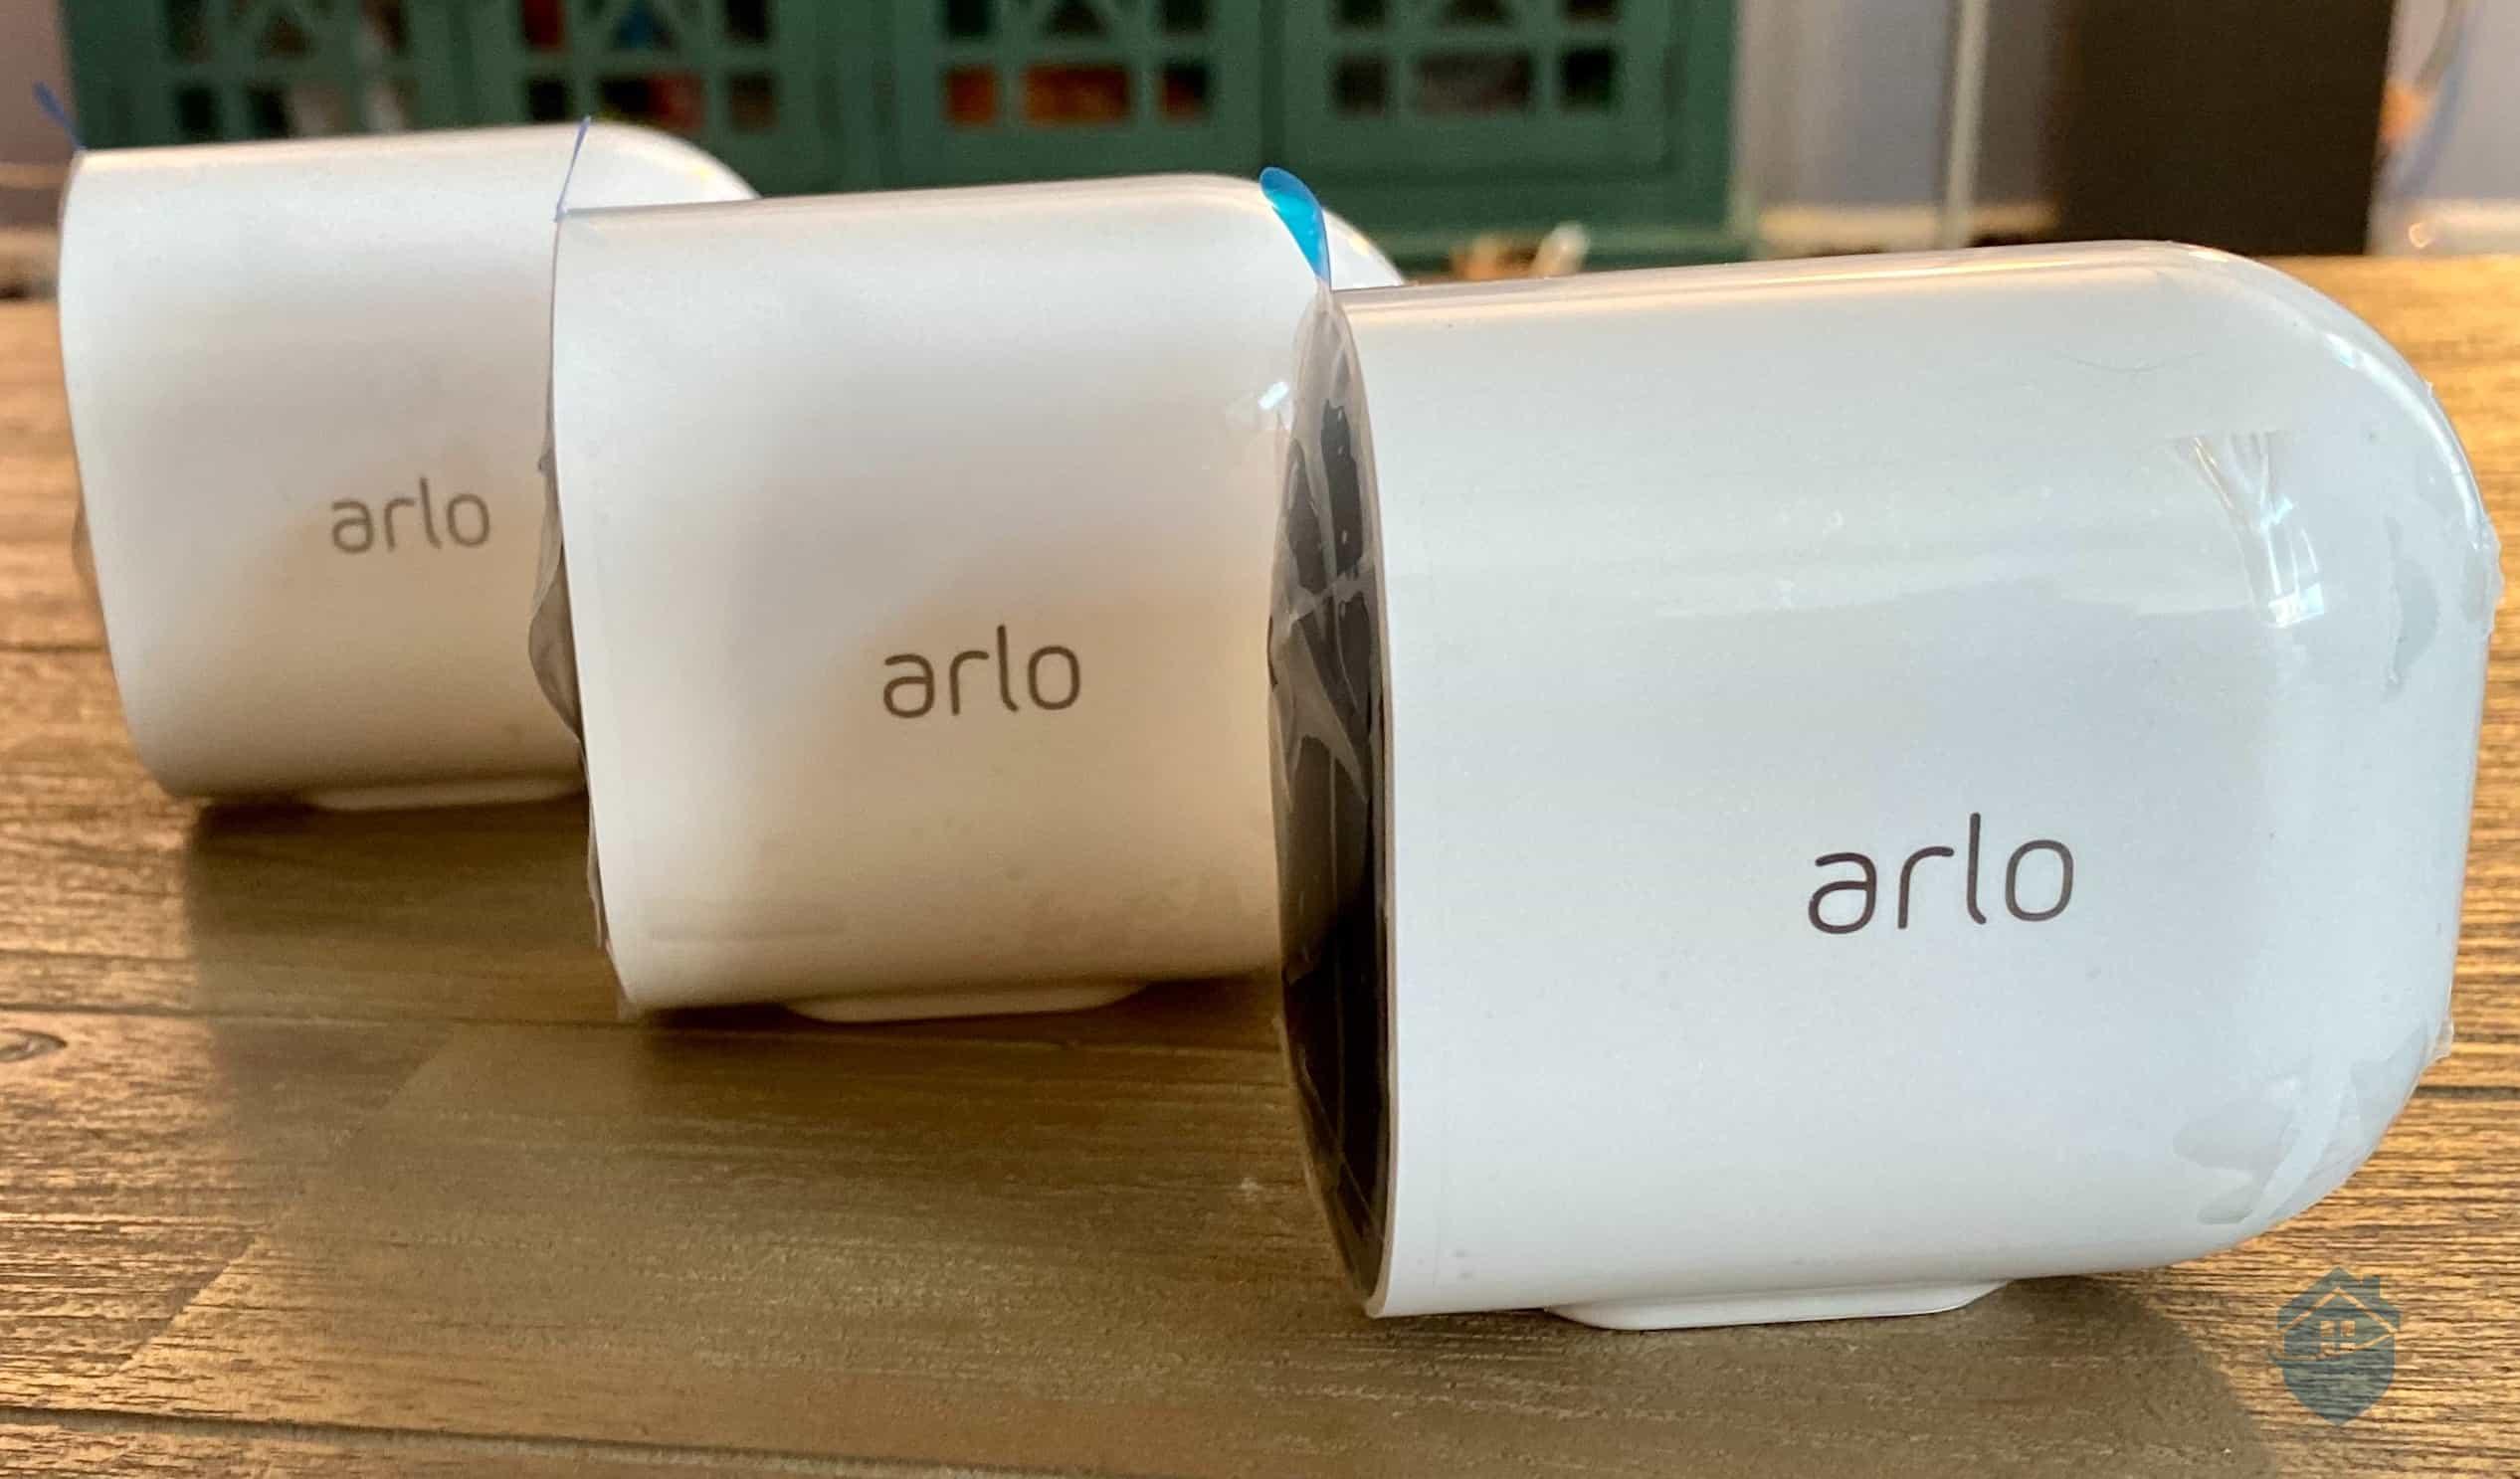 Arlo 3 Cameras